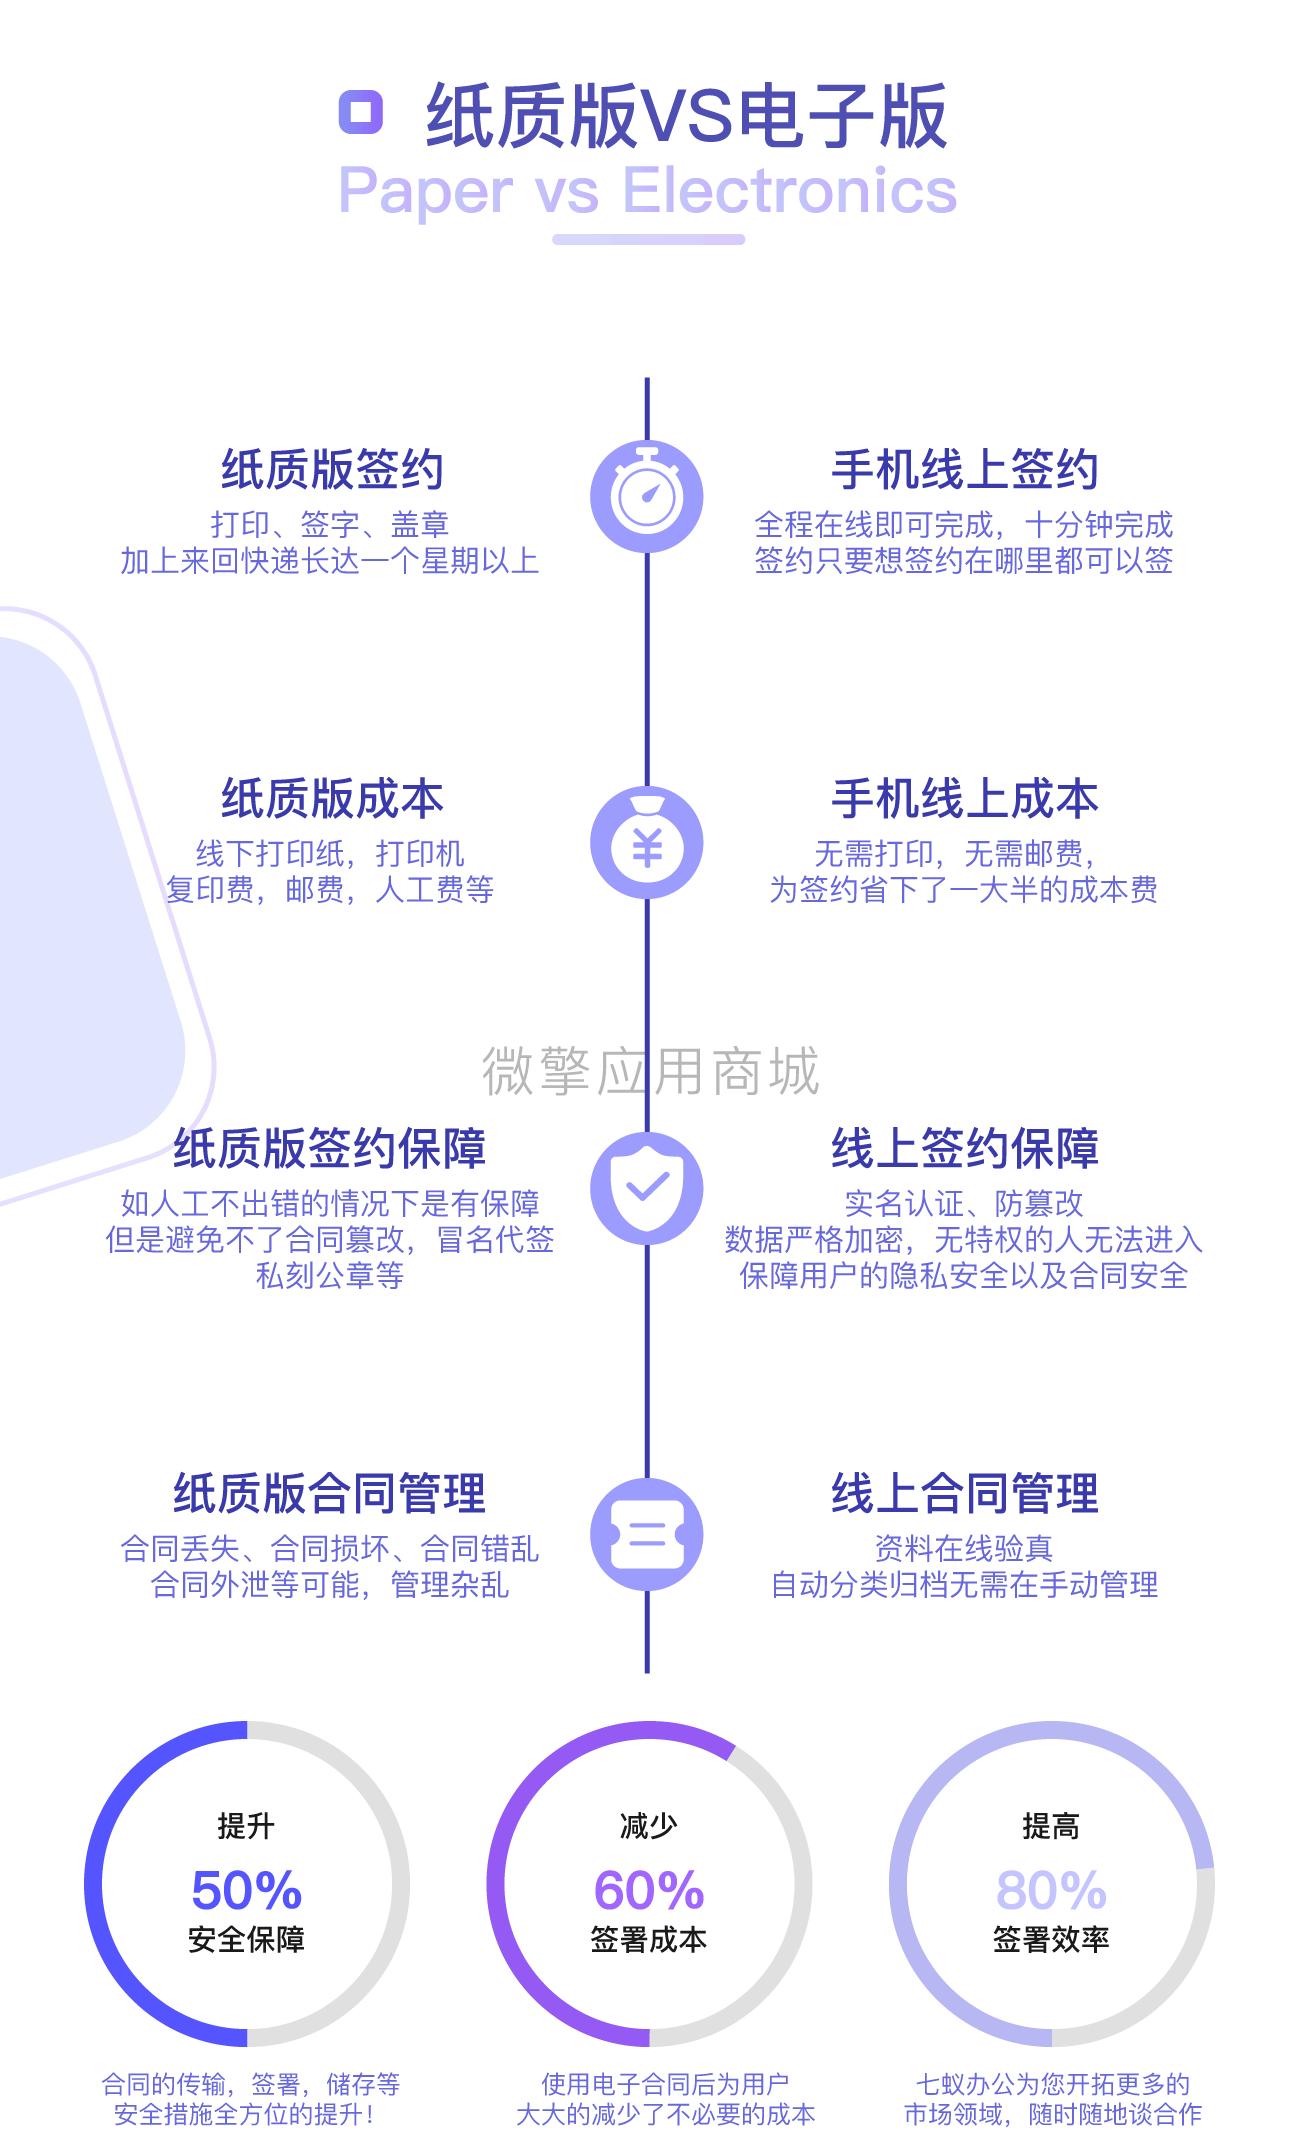 七蚁电子合同v1.3.10【修复】开具发票时,已签署待付合同类型显示;插图2